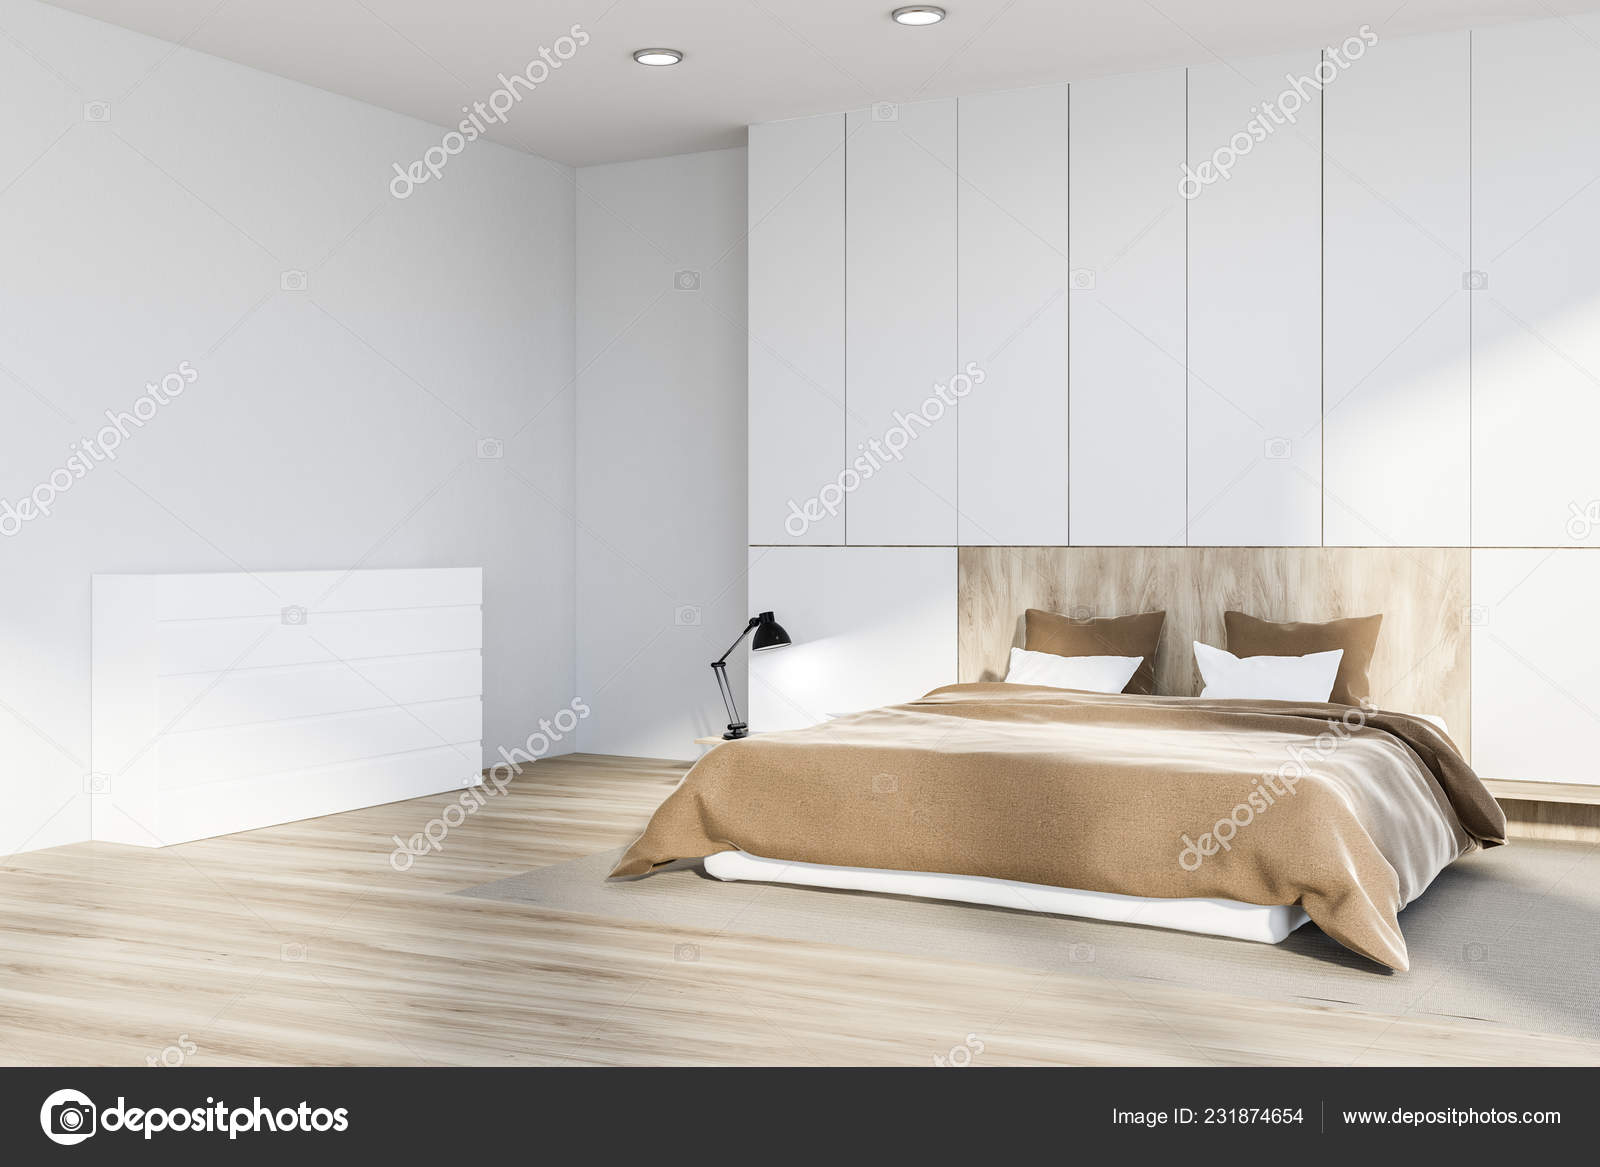 Corner Master Bedroom White Walls Wooden Floor Carpet White Wooden Stock Photo Image By C Denisismagilov 231874654